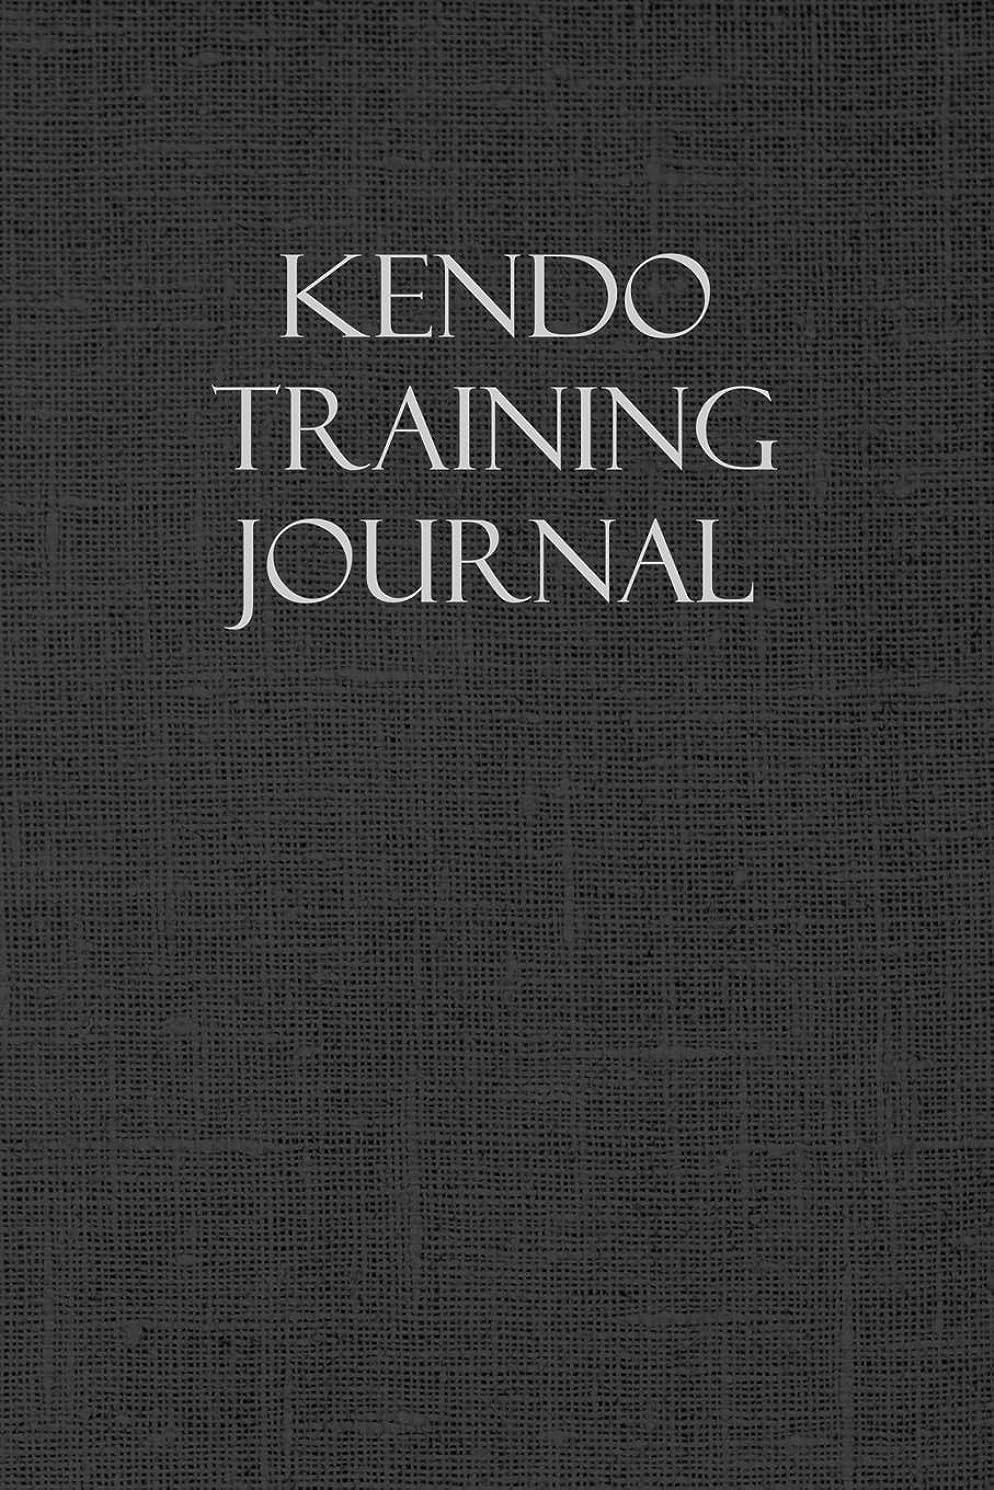 一般的に言えばマルクス主義者ペースKendo Training Journal: Notebook and workout diary: For training session notes